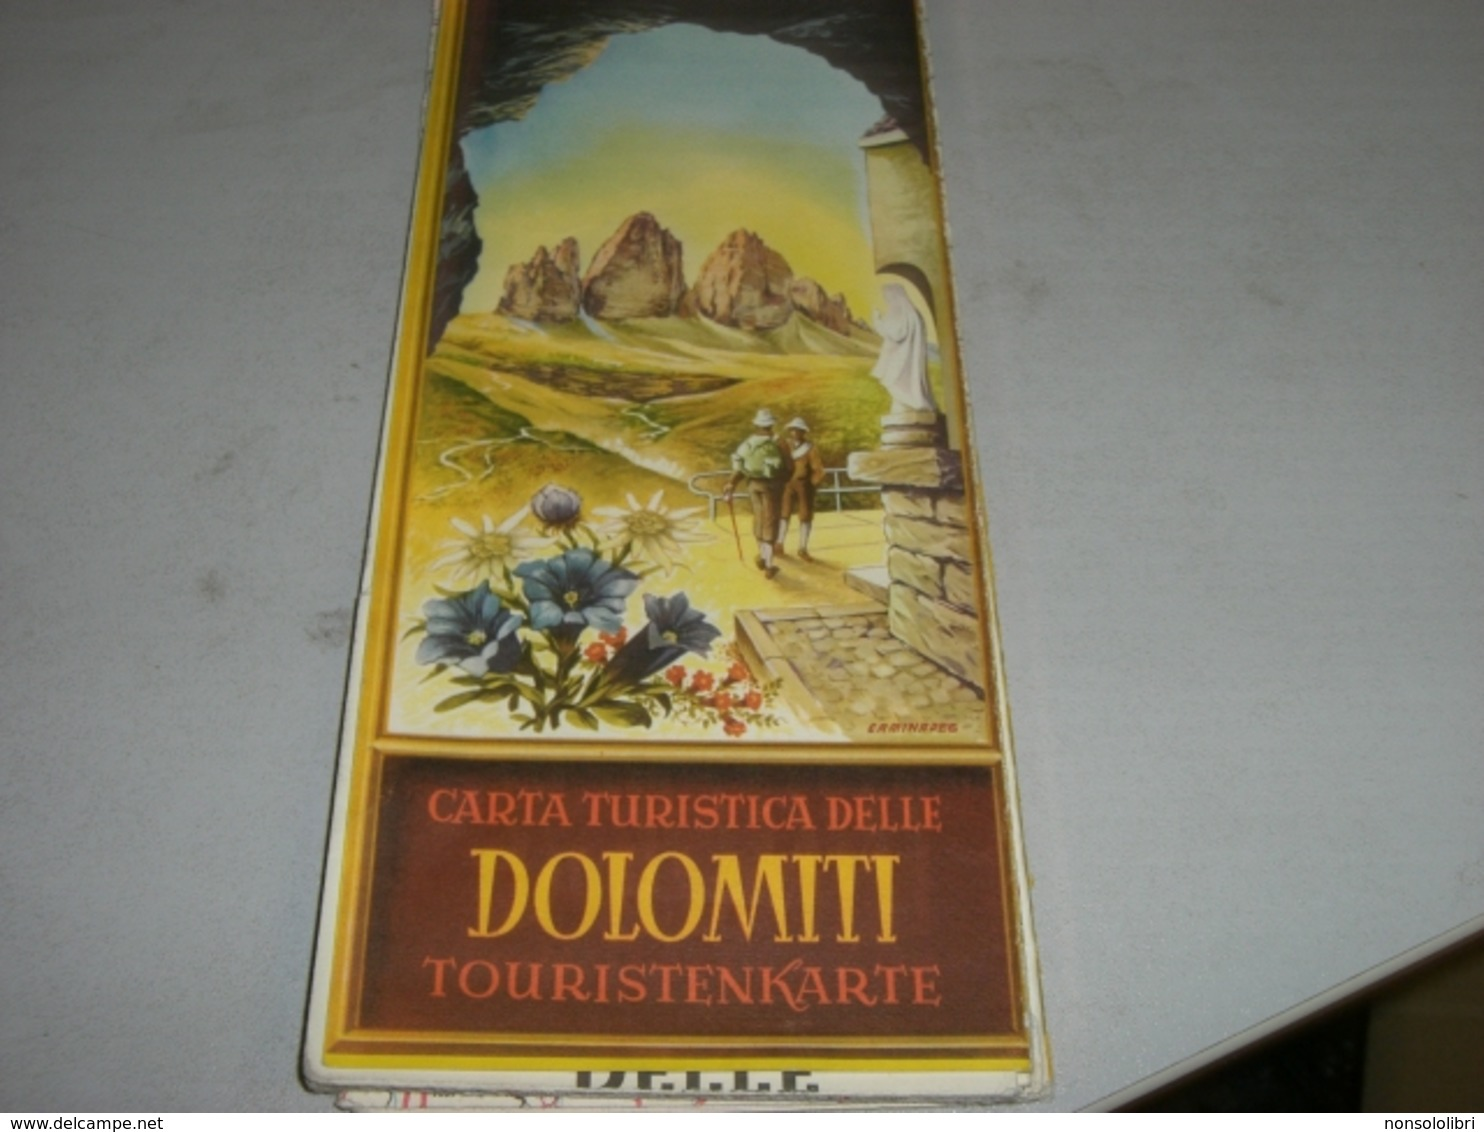 CARTA TURISTICA DELLE DOLOMITI - Toeristische Brochures